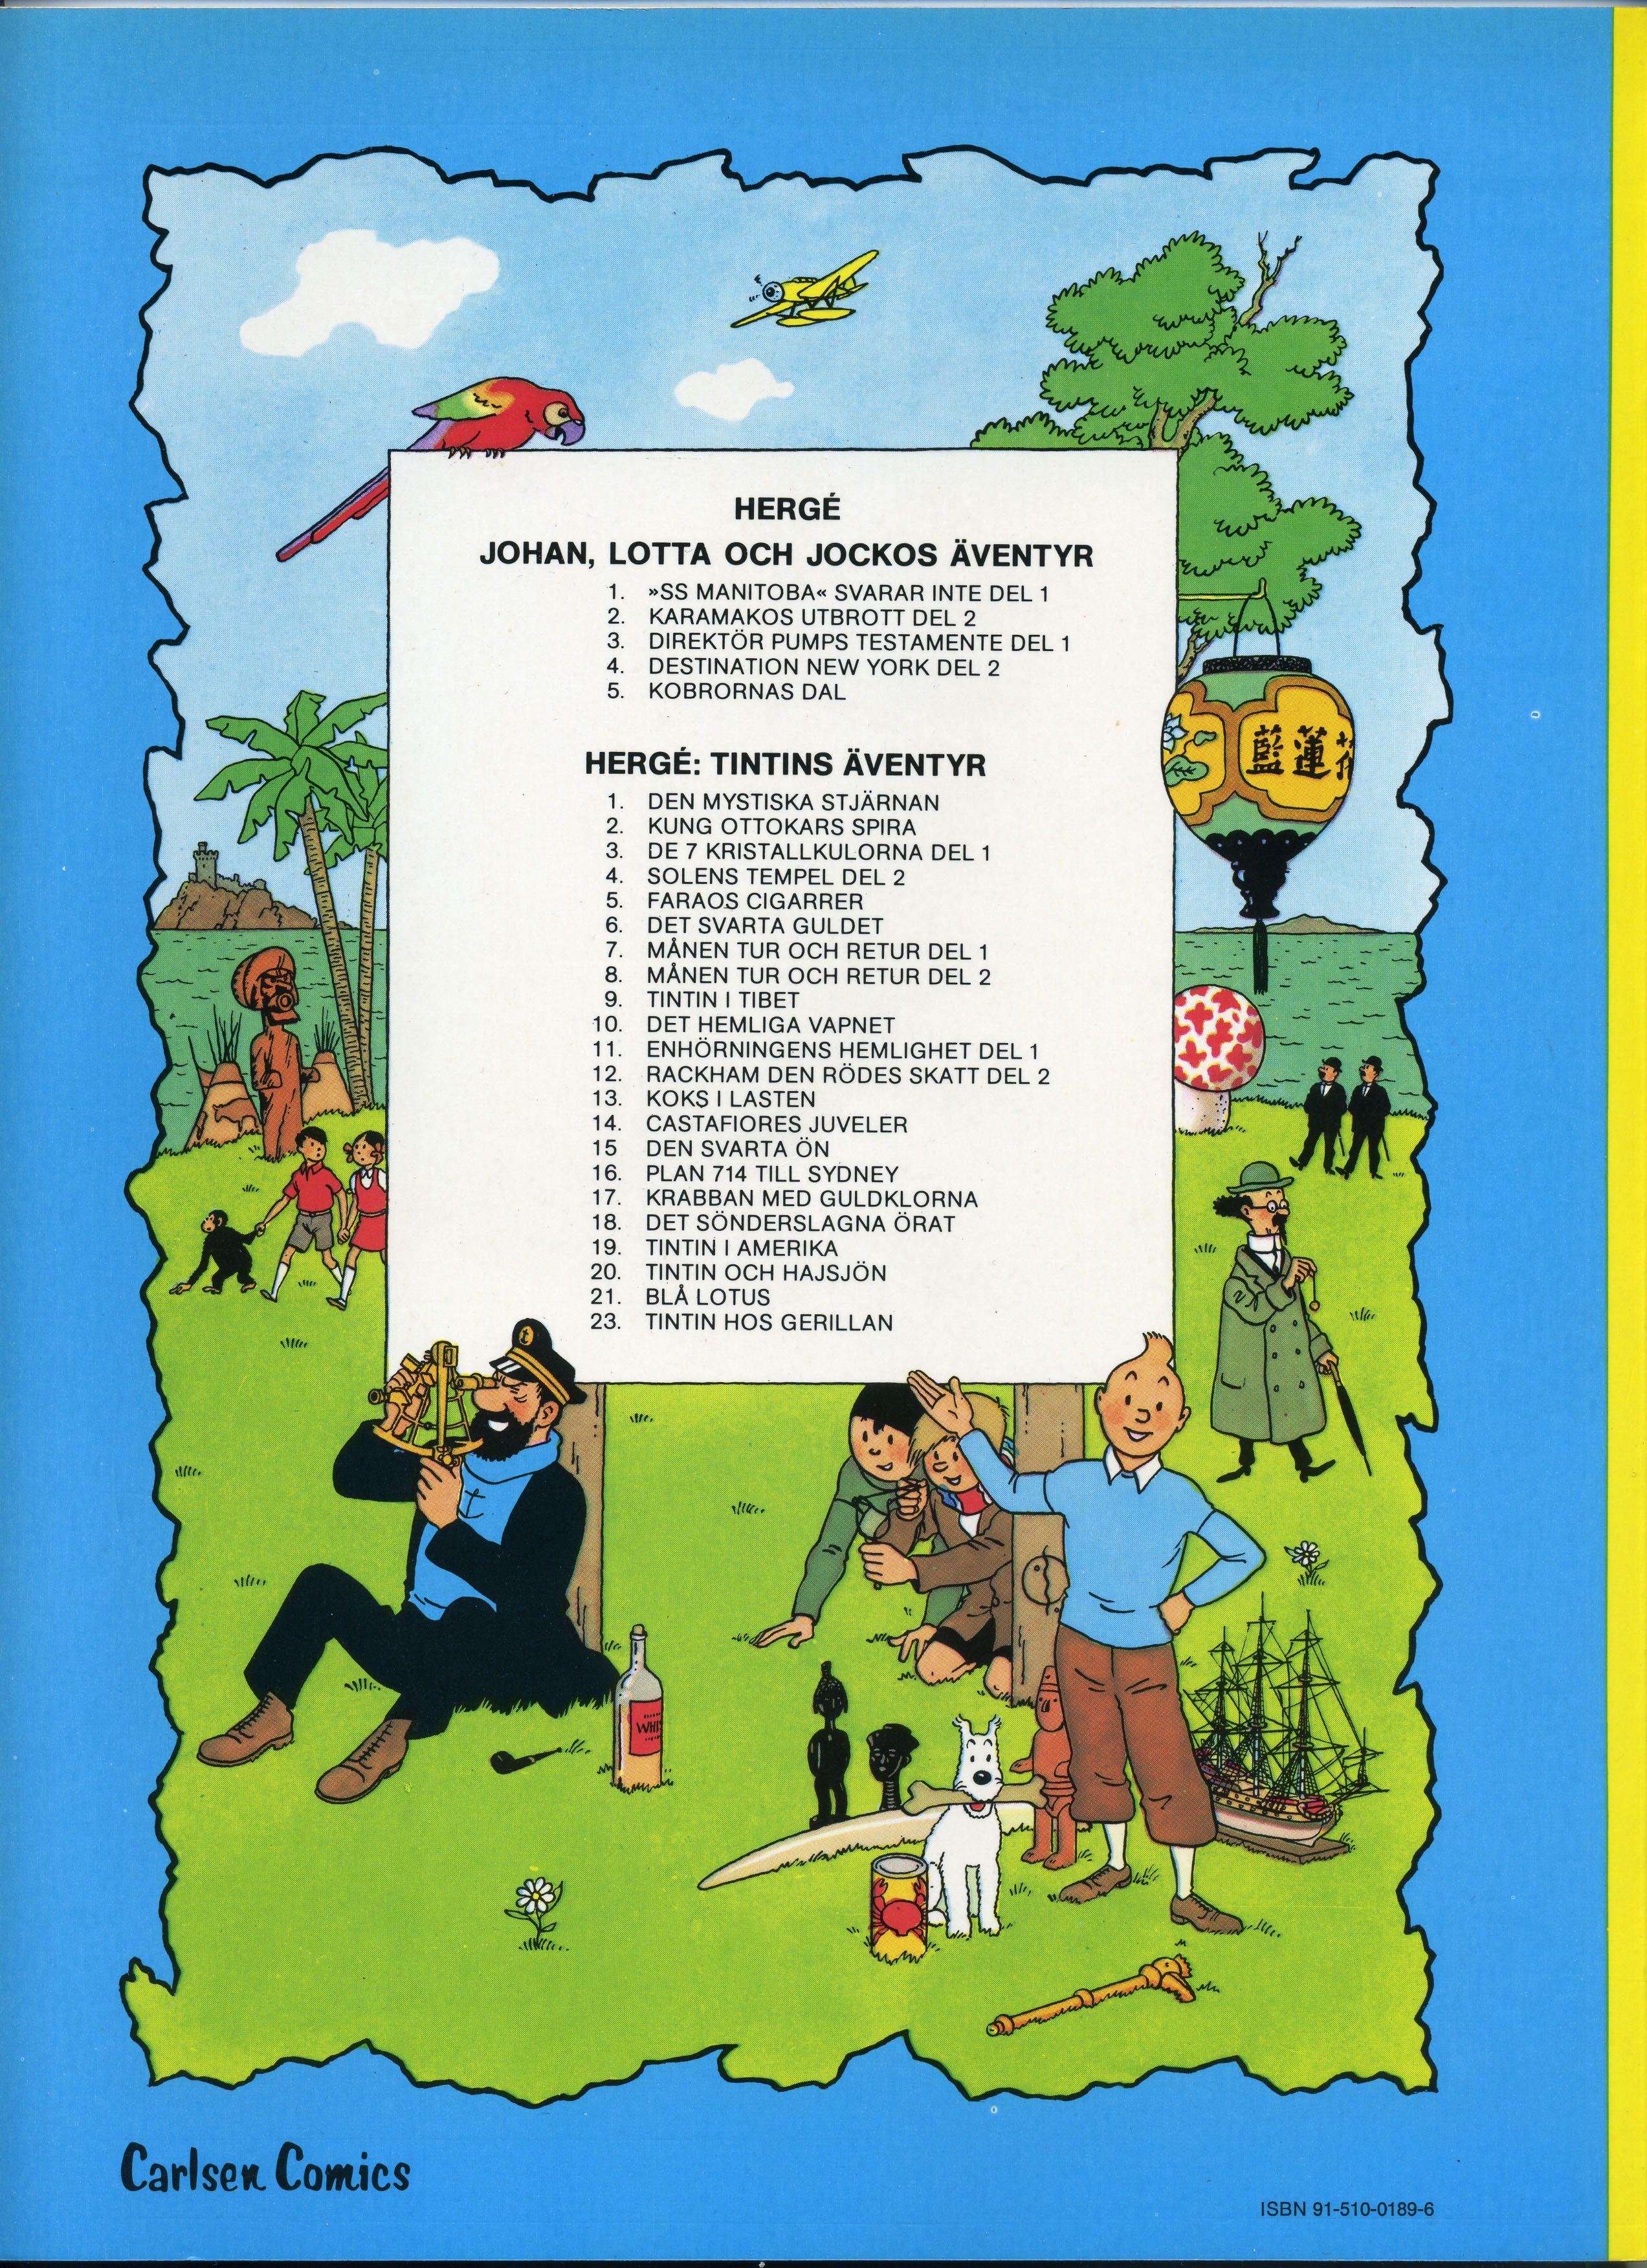 Tintin and the Swedish flag.